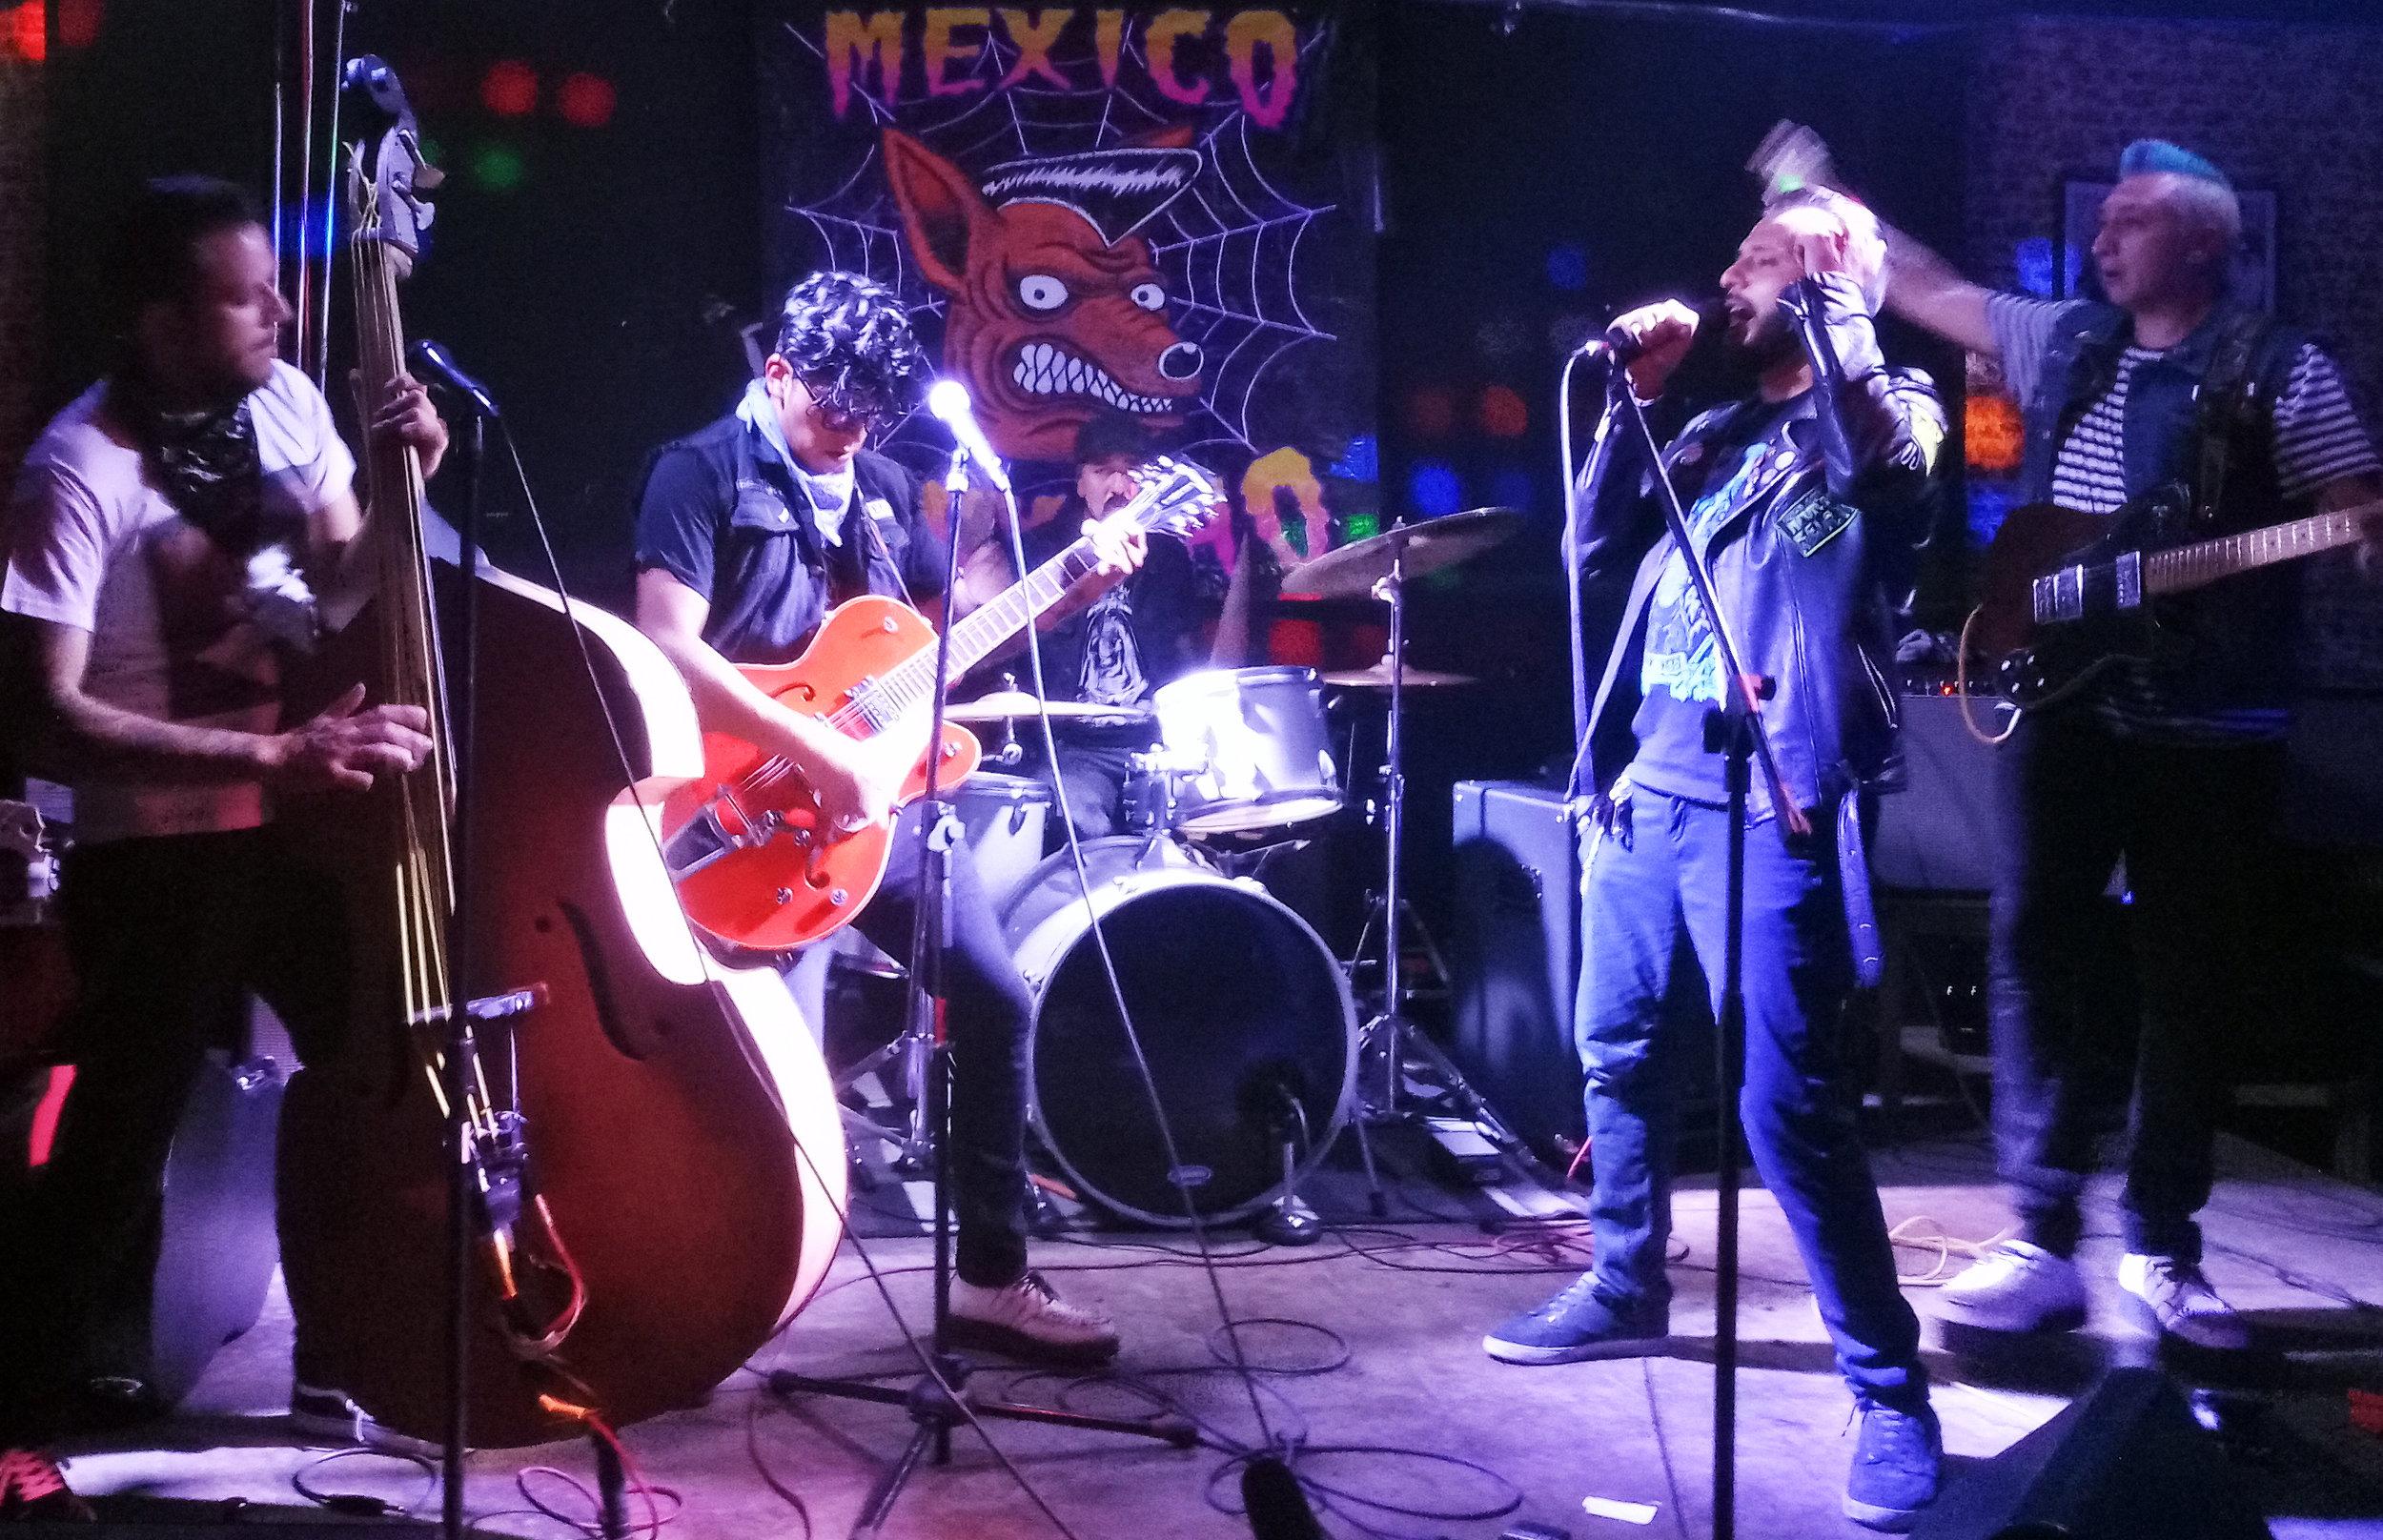 Mortis (cantante de Salidos de la Cripta) en el escenario con los Rockin' Crueles